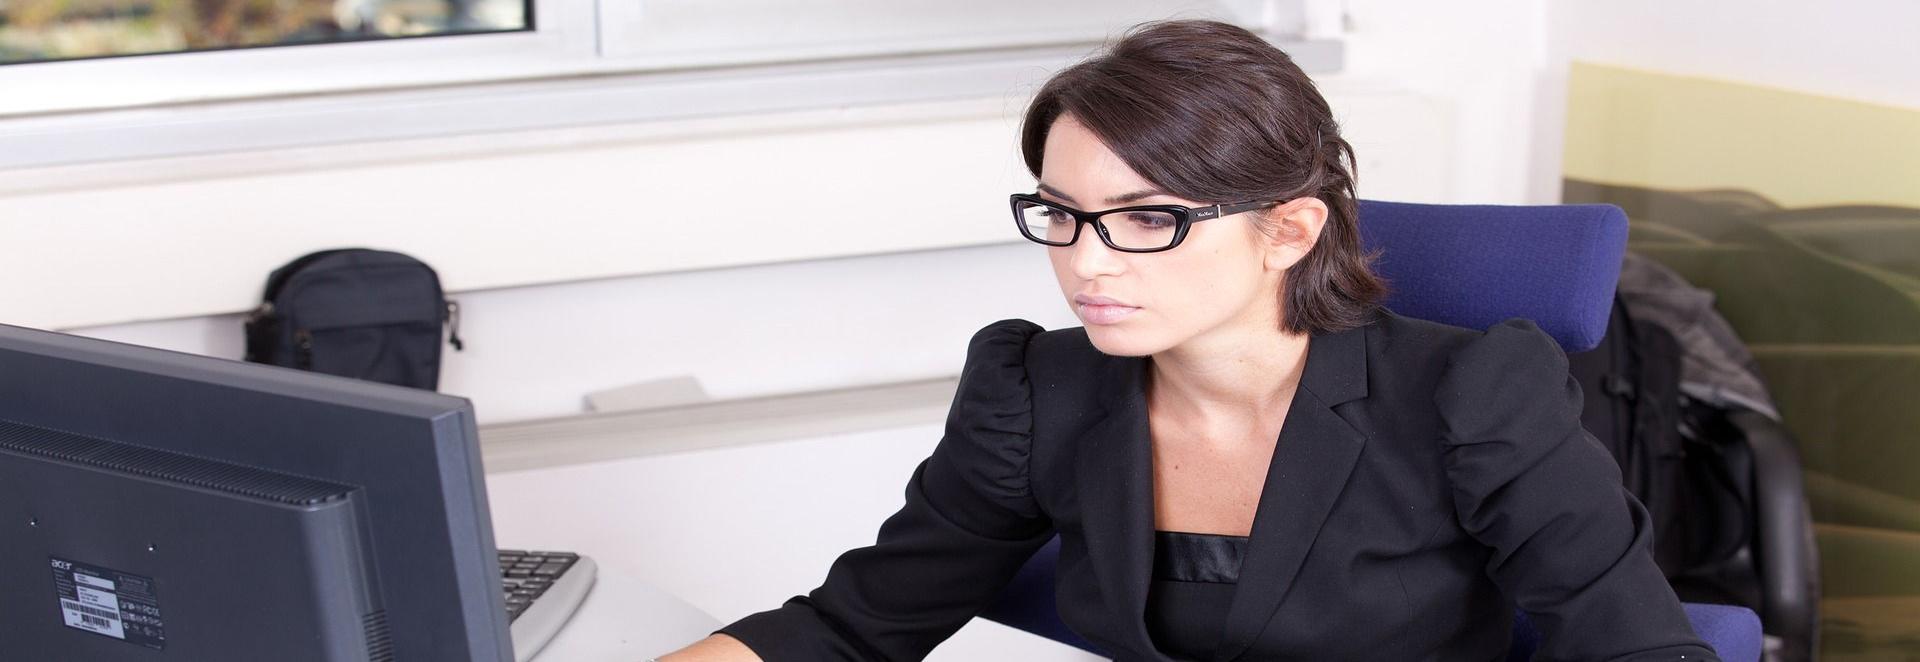 Mit einer Internet-Rechtsschutzversicherung kann man sich im Streitfall vor hohen Anwaltskosten schützen